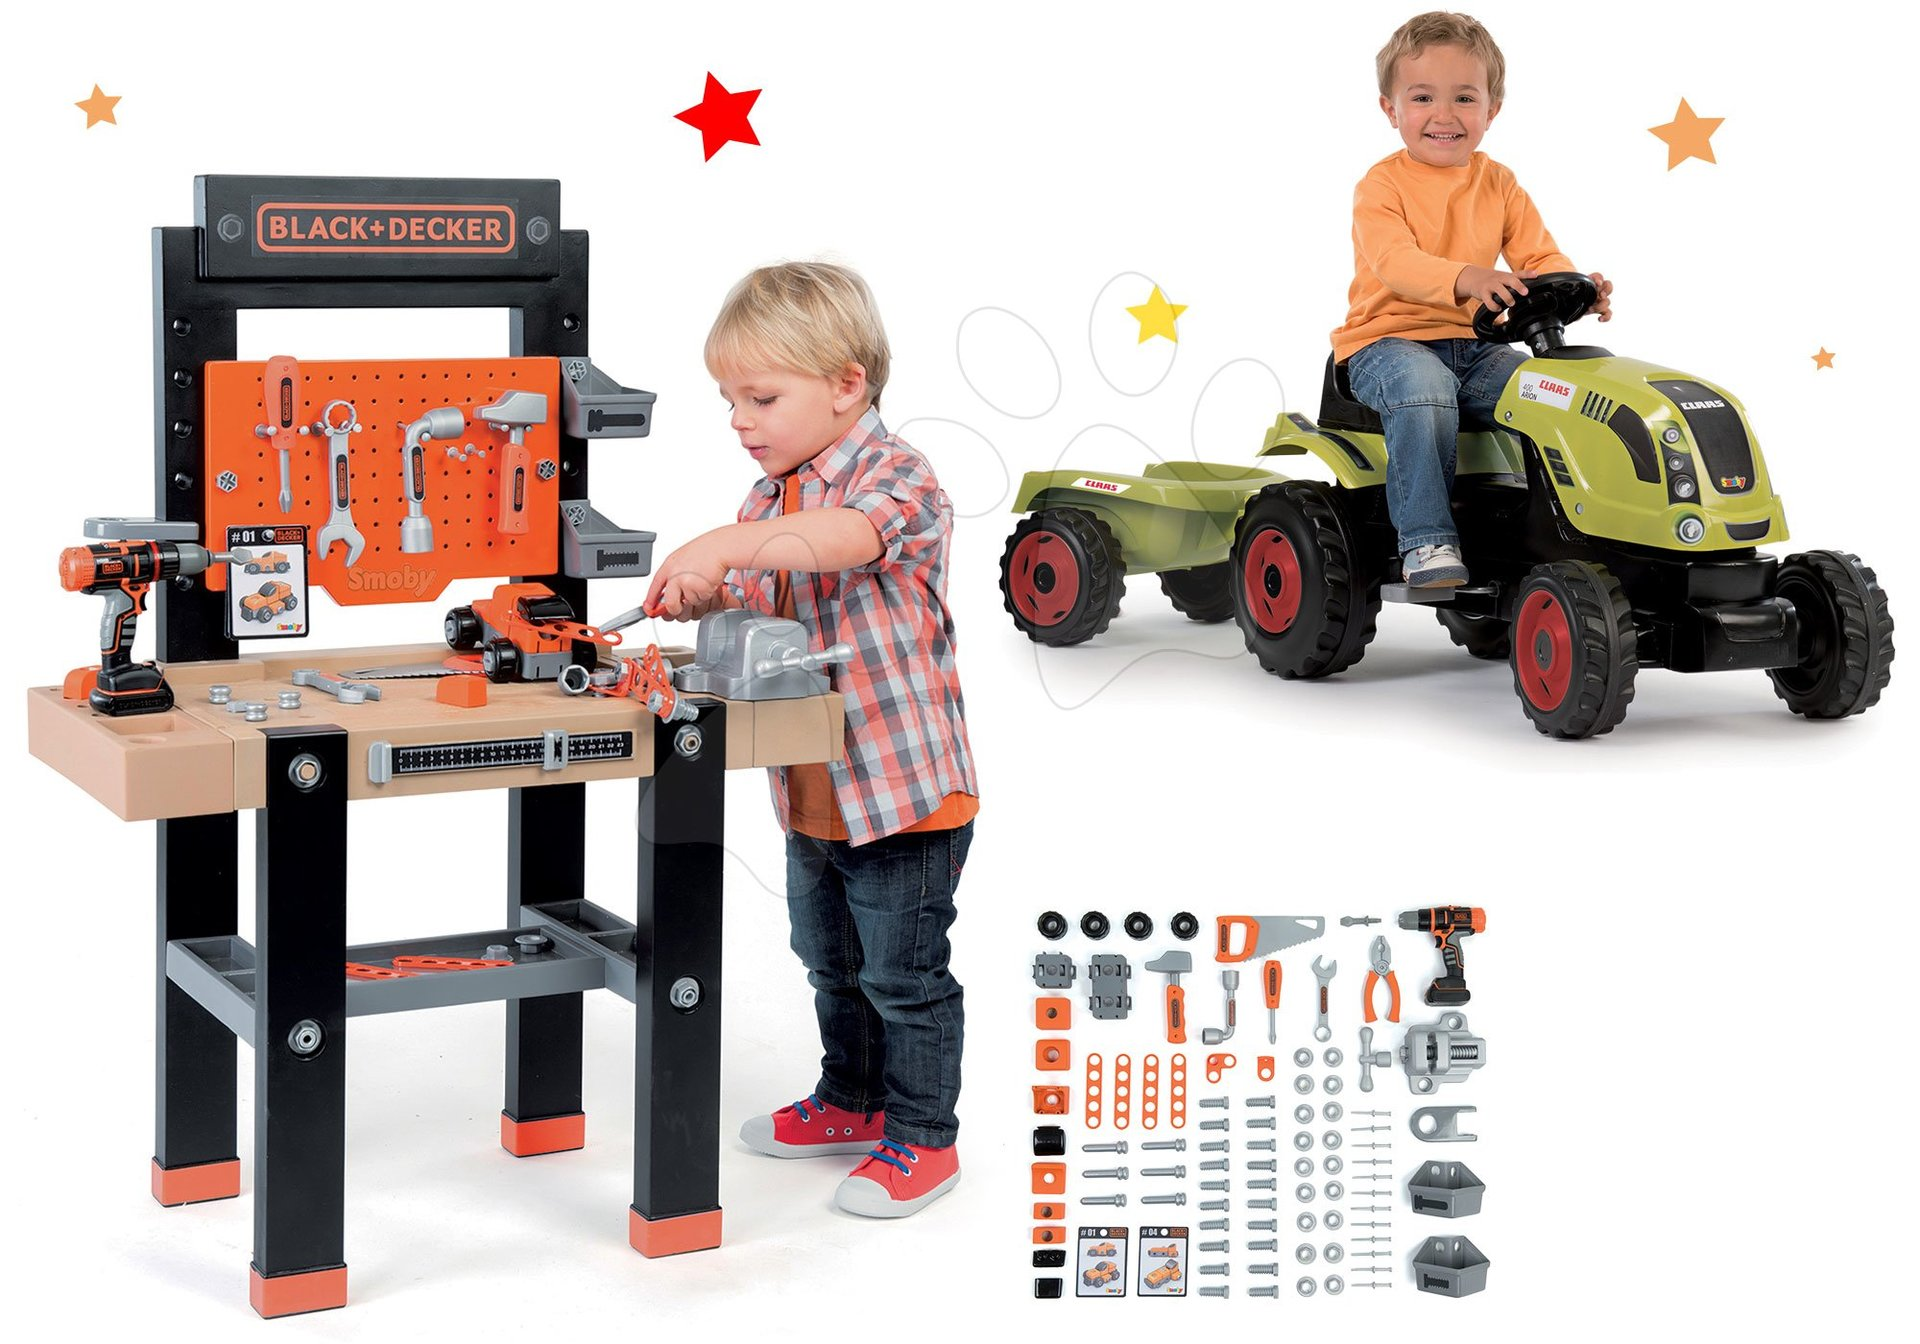 Smoby pracovná dielňa pre deti Black+Decker a traktor Claas GM 360701-12